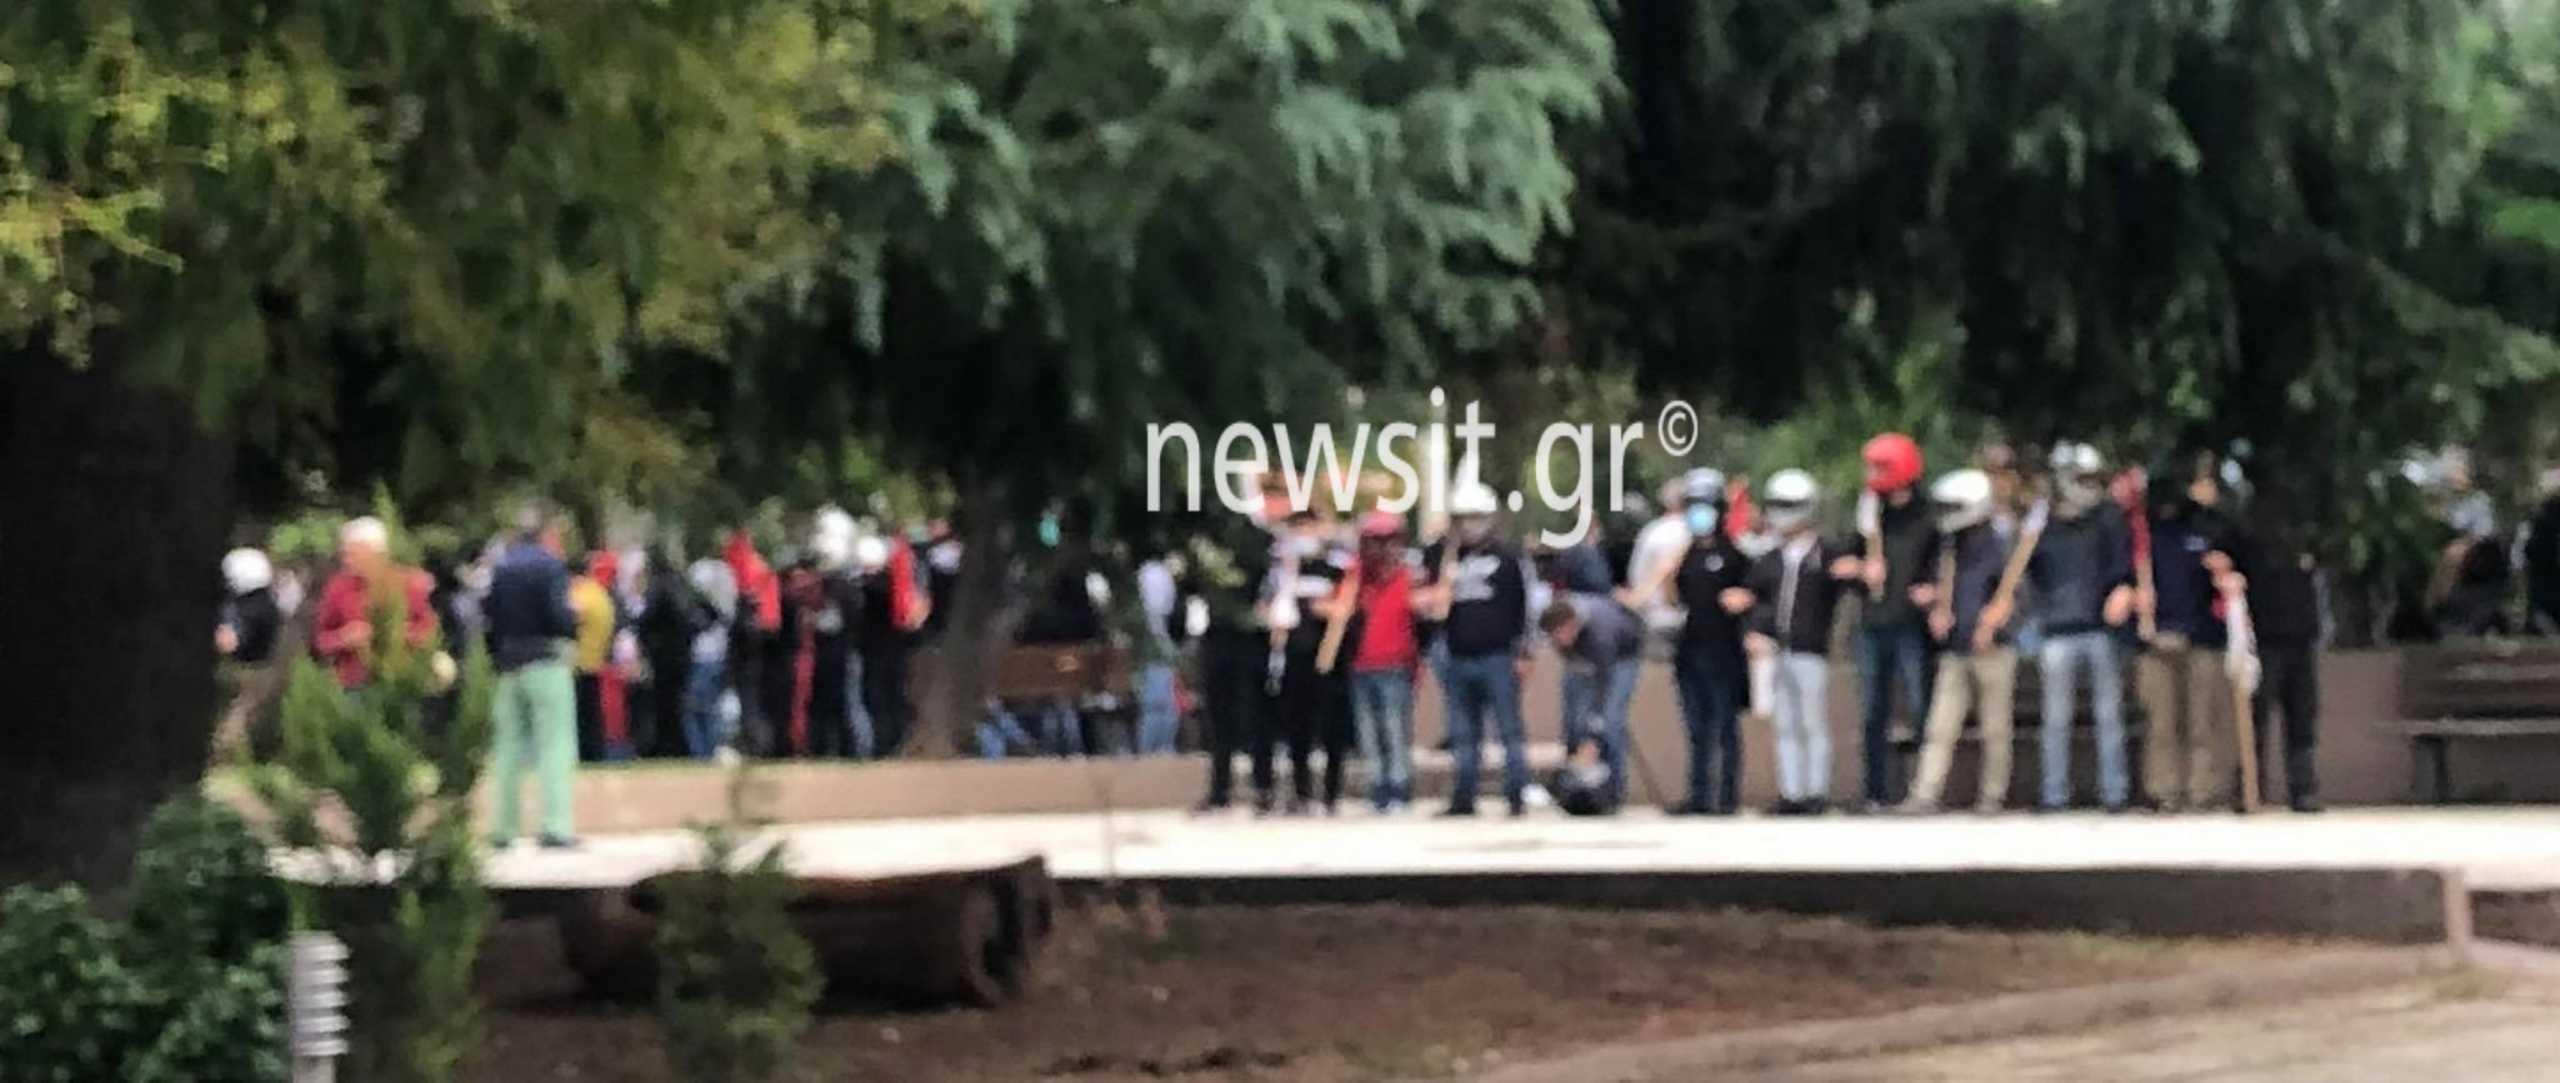 Θεσσαλονίκη – Επεισόδια στο ΕΠΑΛ Σταυρούπολης: Στο αυτόφωρο τέσσερις από τους συλληφθέντες